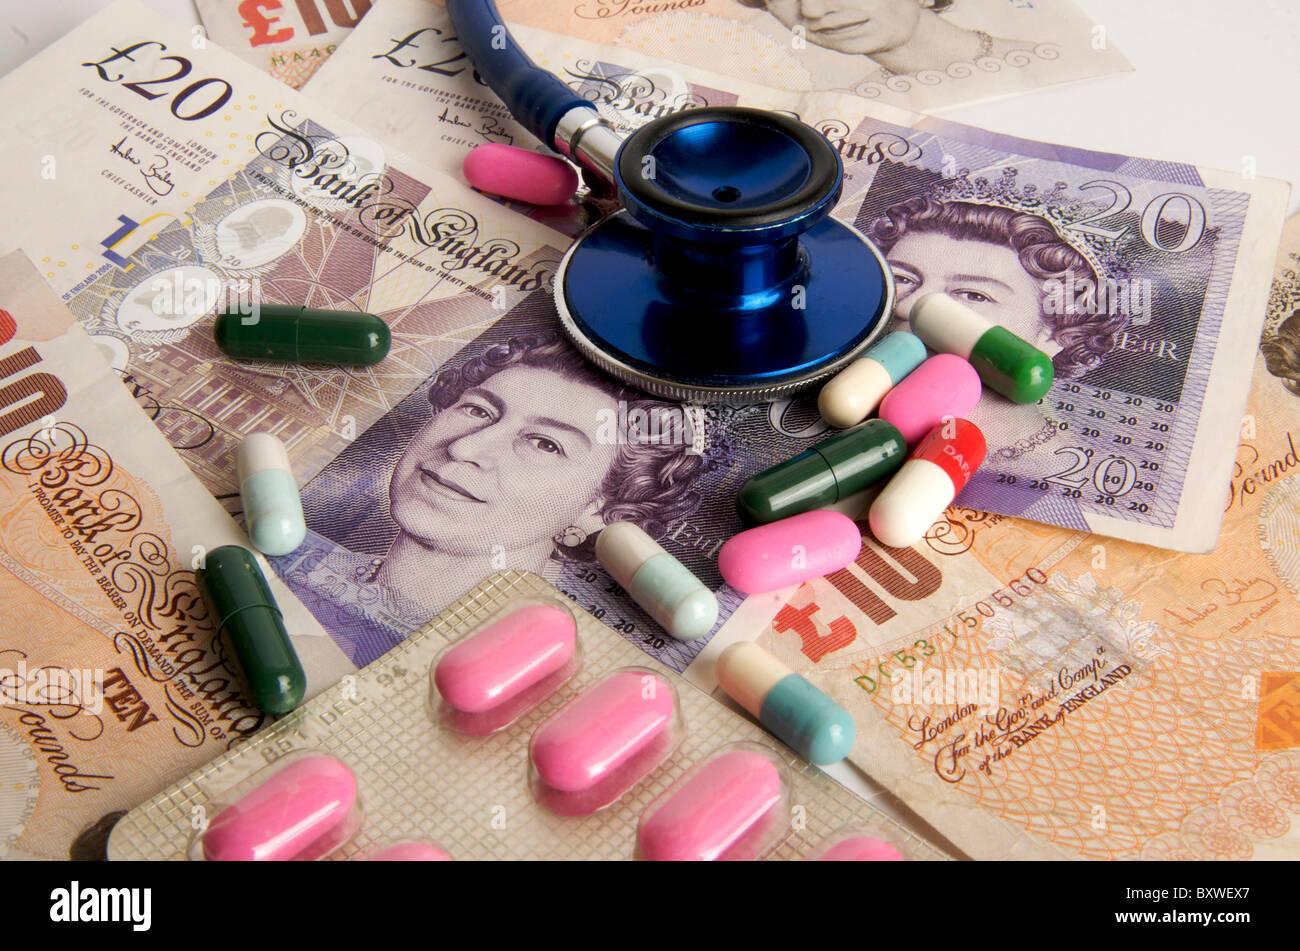 Libra esterlina billetes, el estetoscopio, píldoras, concepto de salud en el Reino Unido. Imagen De Stock